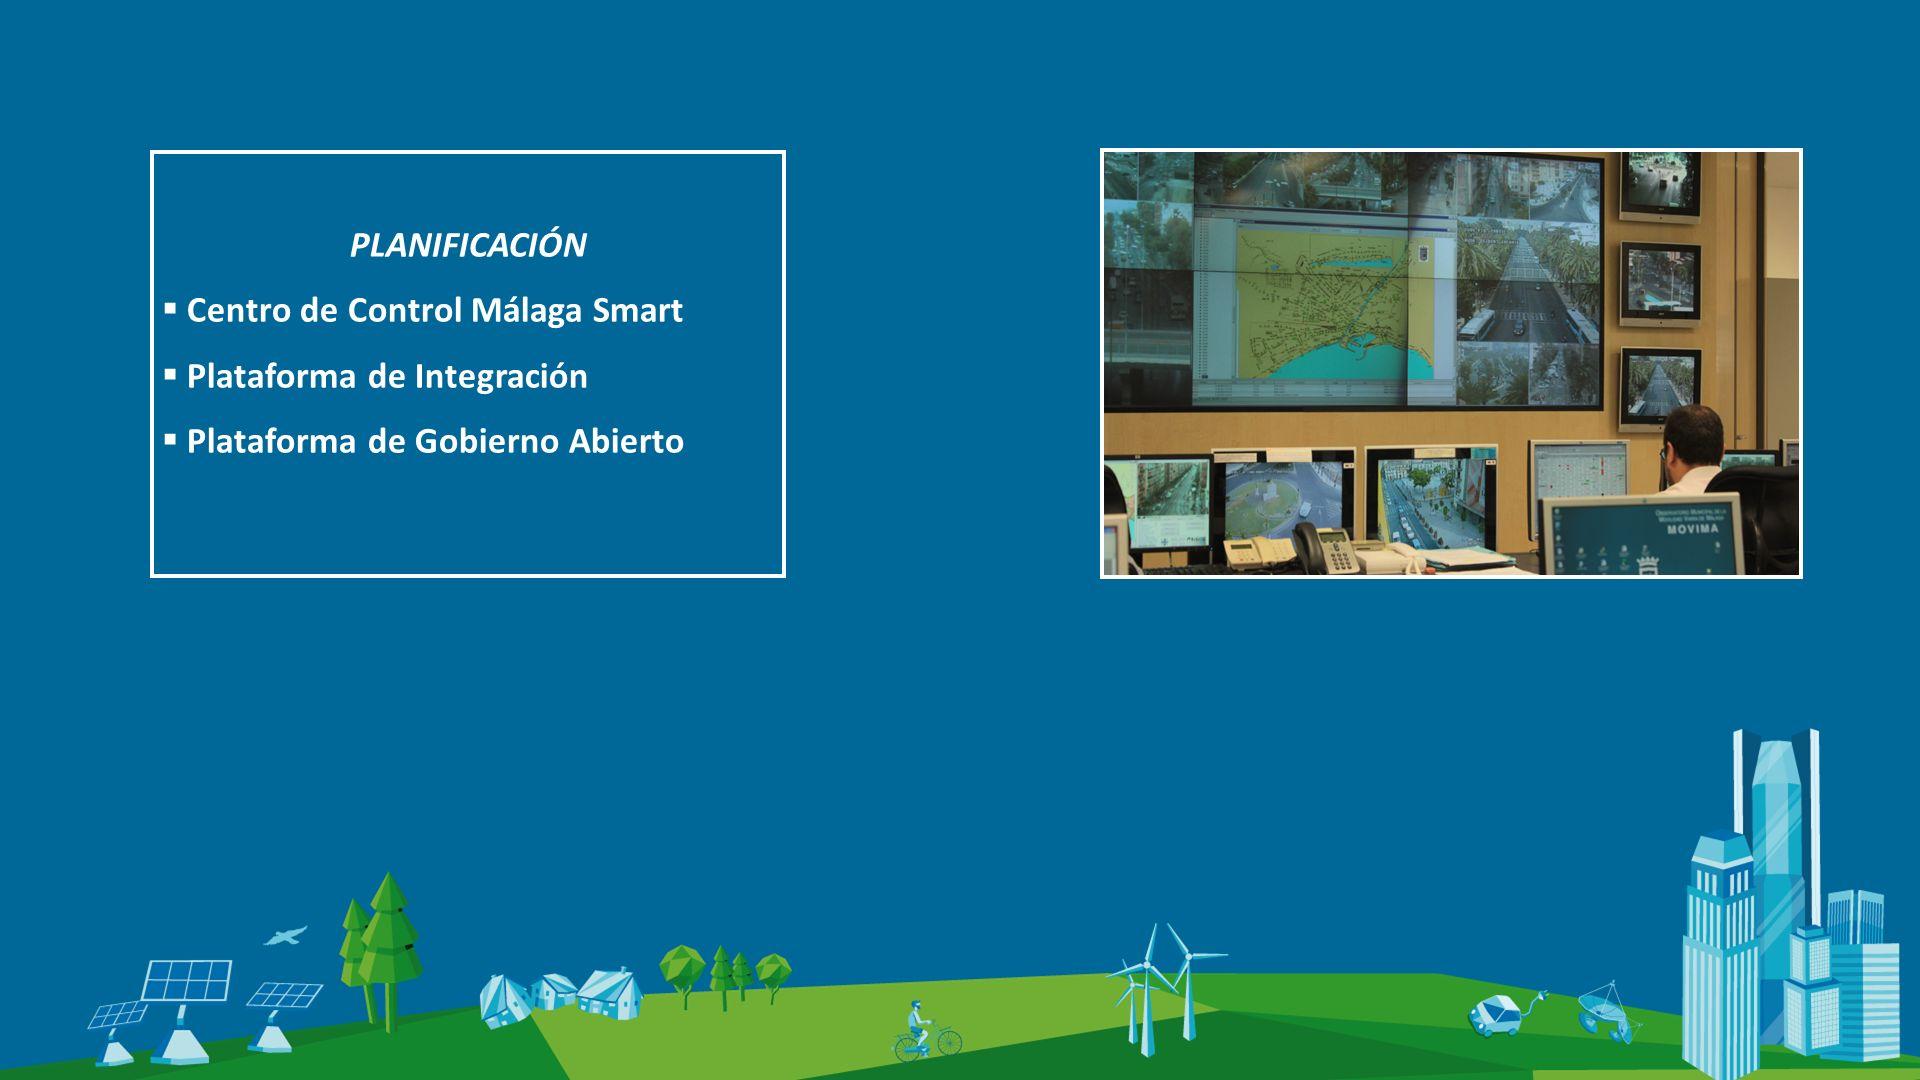 PLANIFICACIÓN Centro de Control Málaga Smart Plataforma de Integración Plataforma de Gobierno Abierto